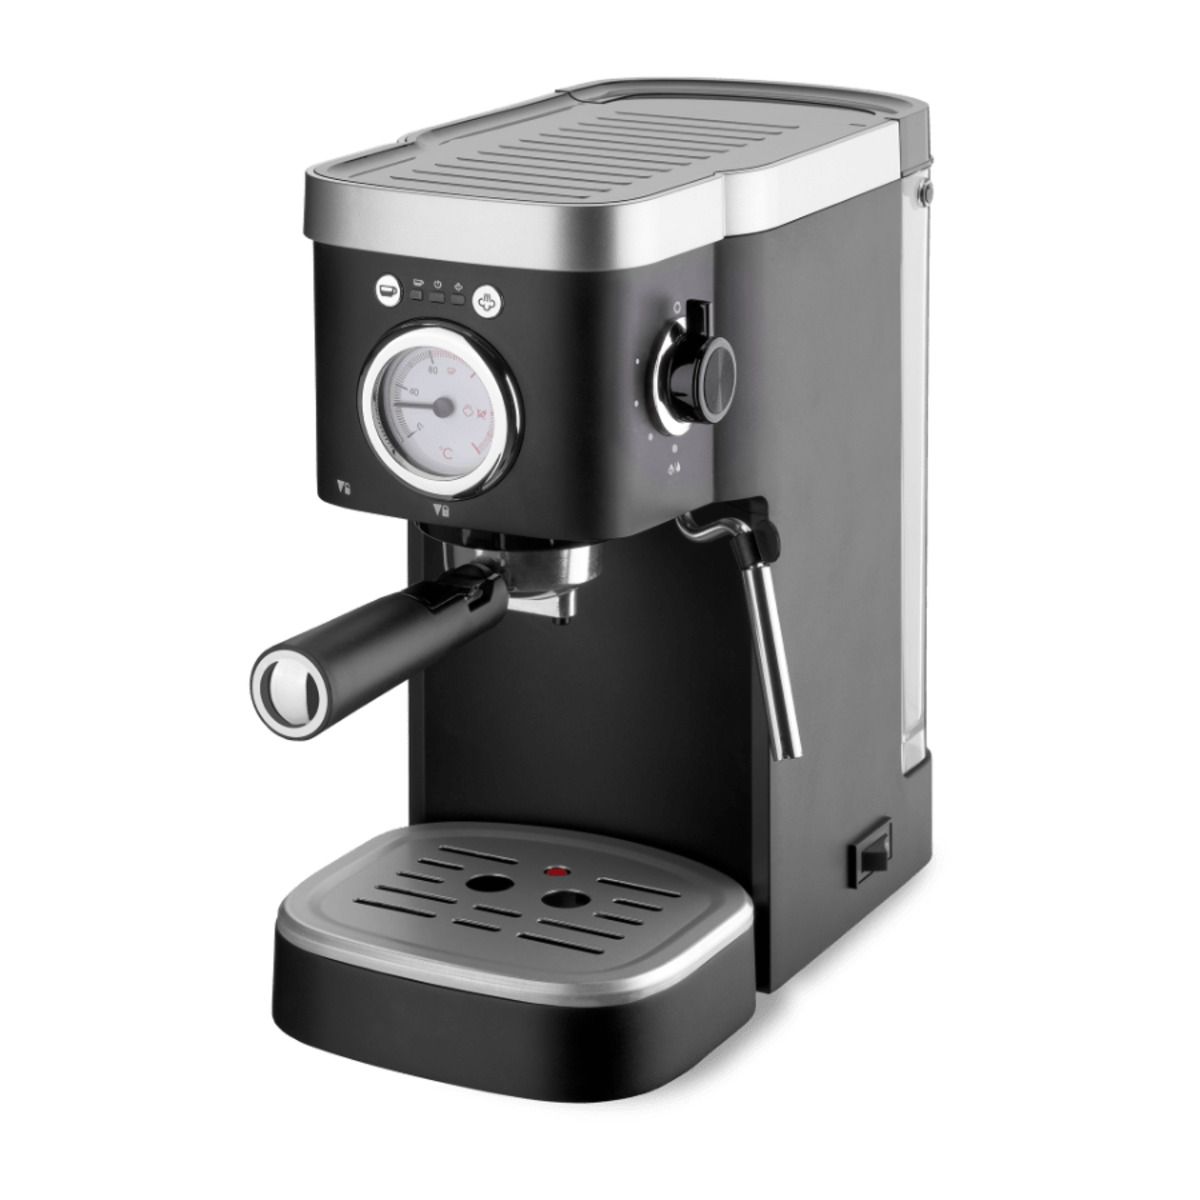 Bild 2 von AMBIANO     Espressomaschine GT-EM-02